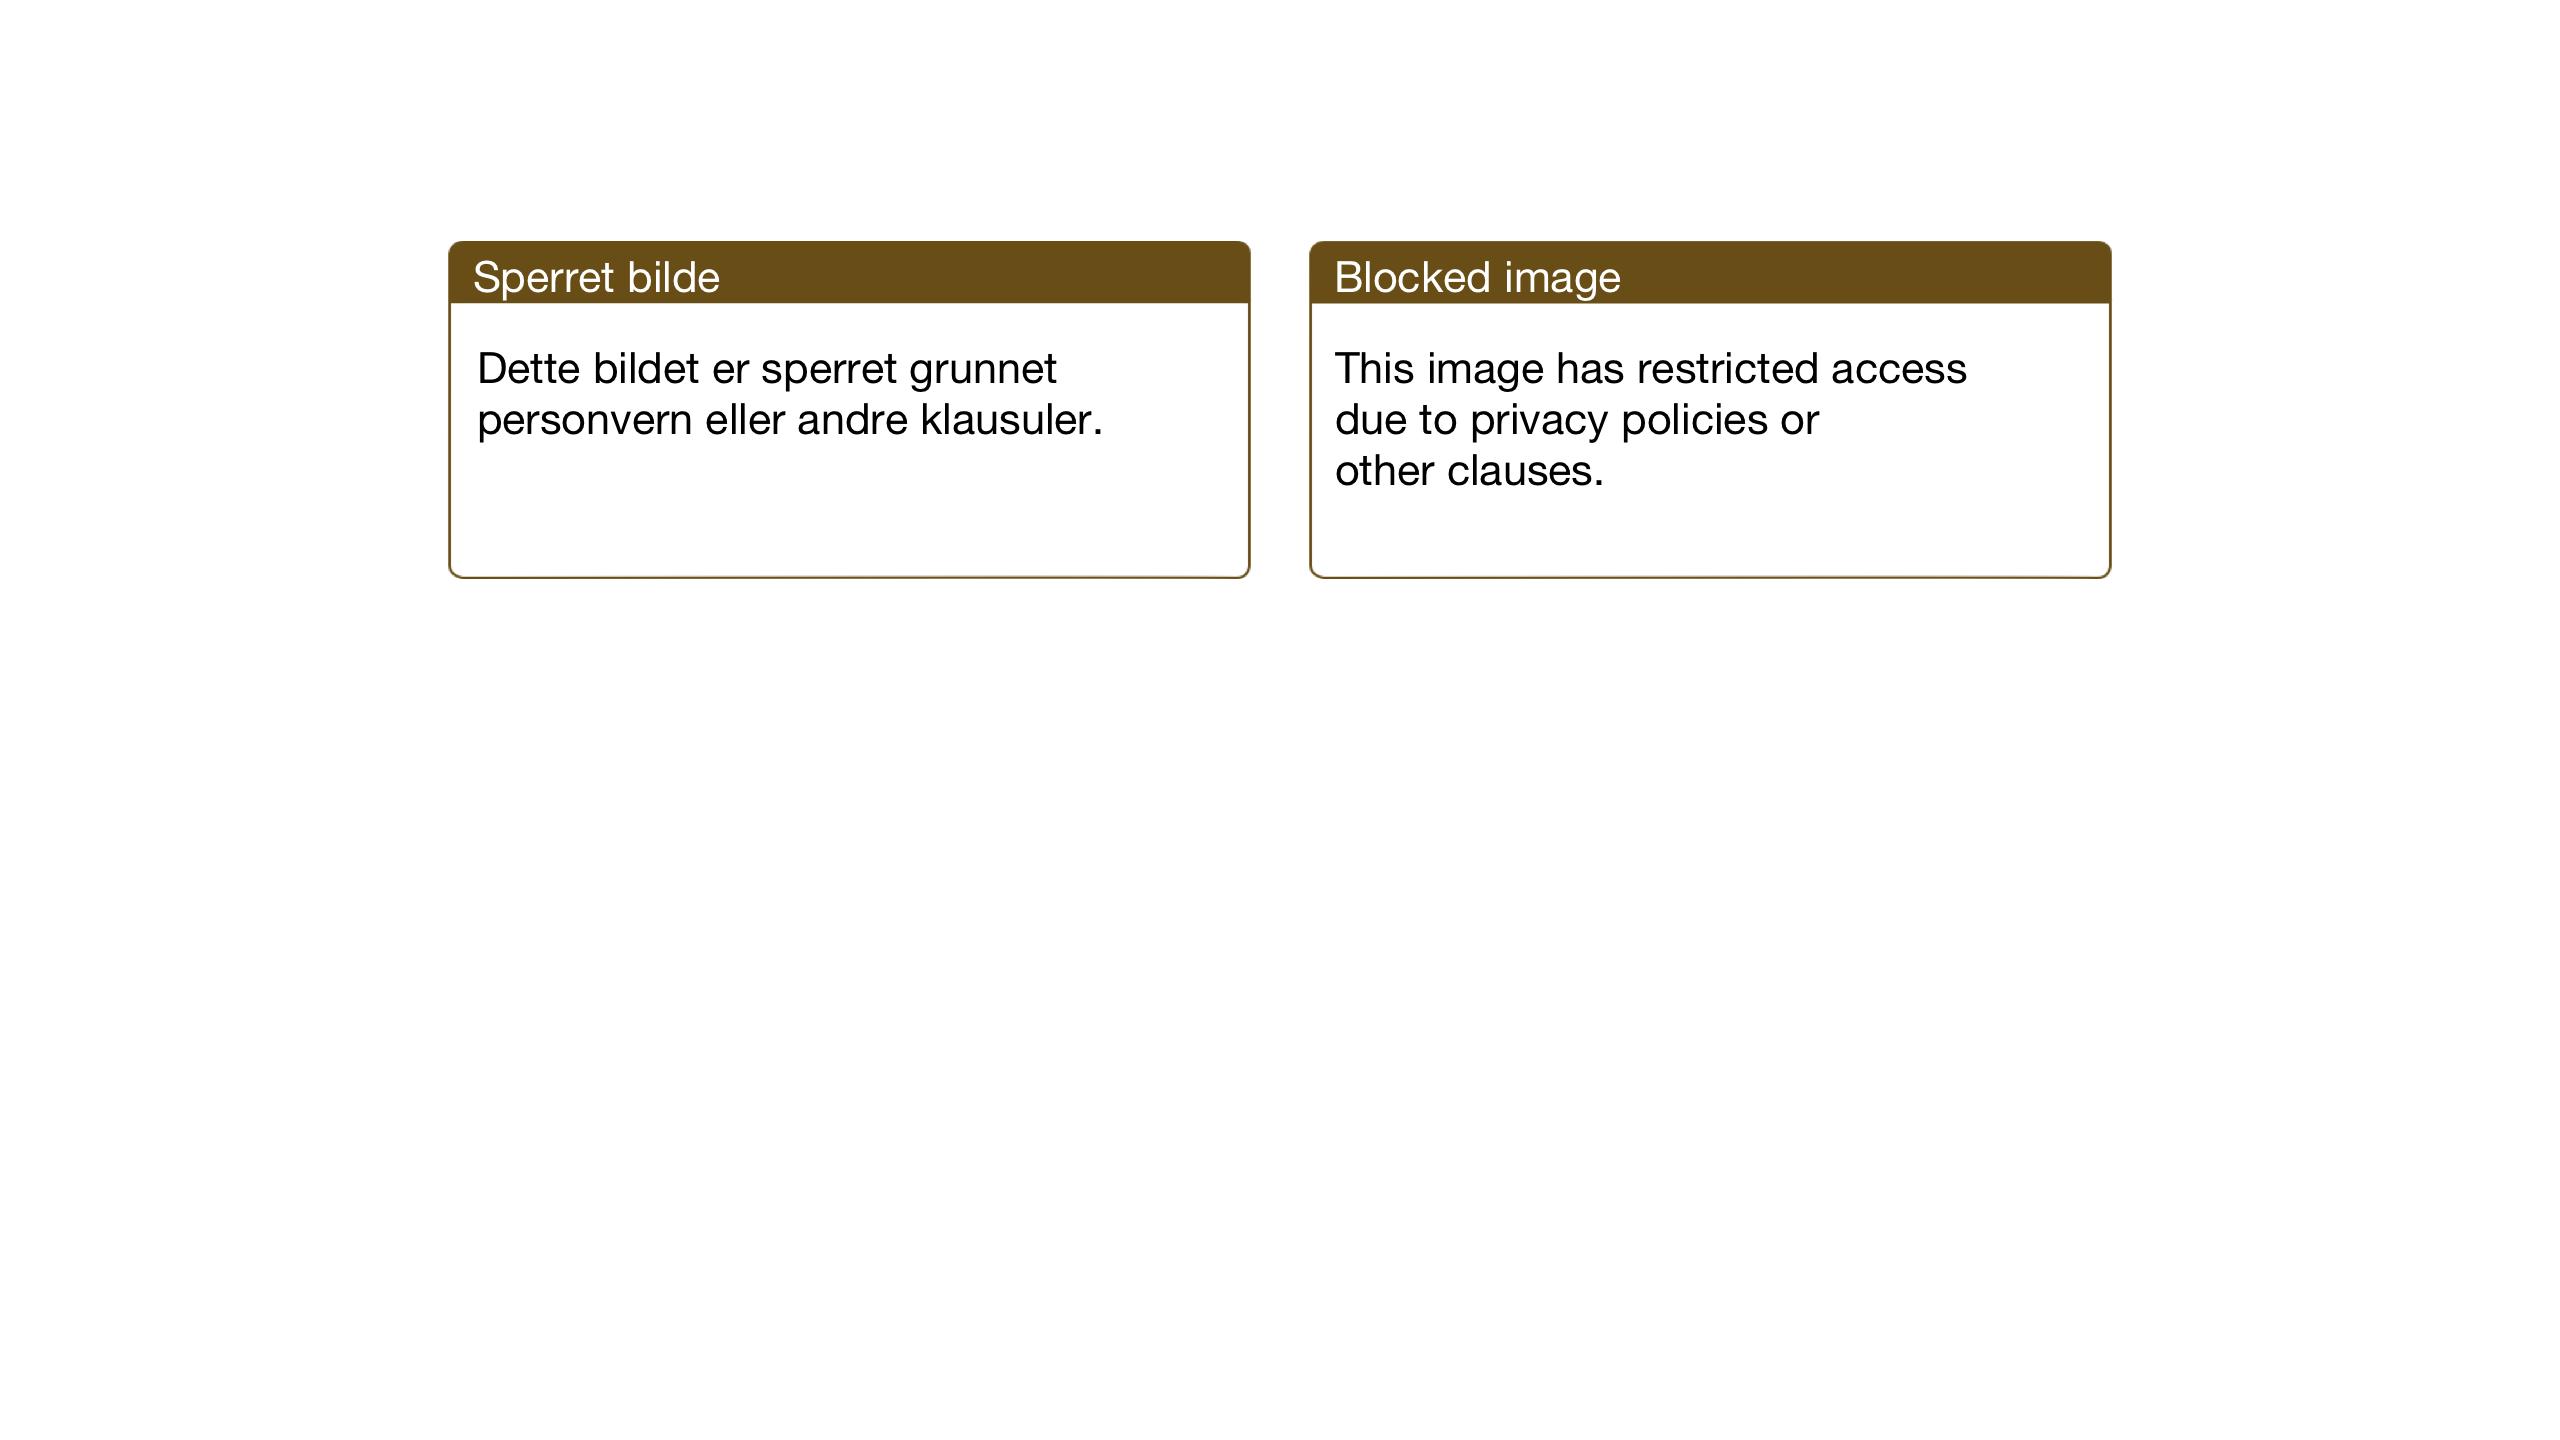 SAT, Ministerialprotokoller, klokkerbøker og fødselsregistre - Sør-Trøndelag, 635/L0556: Klokkerbok nr. 635C04, 1943-1945, s. 116